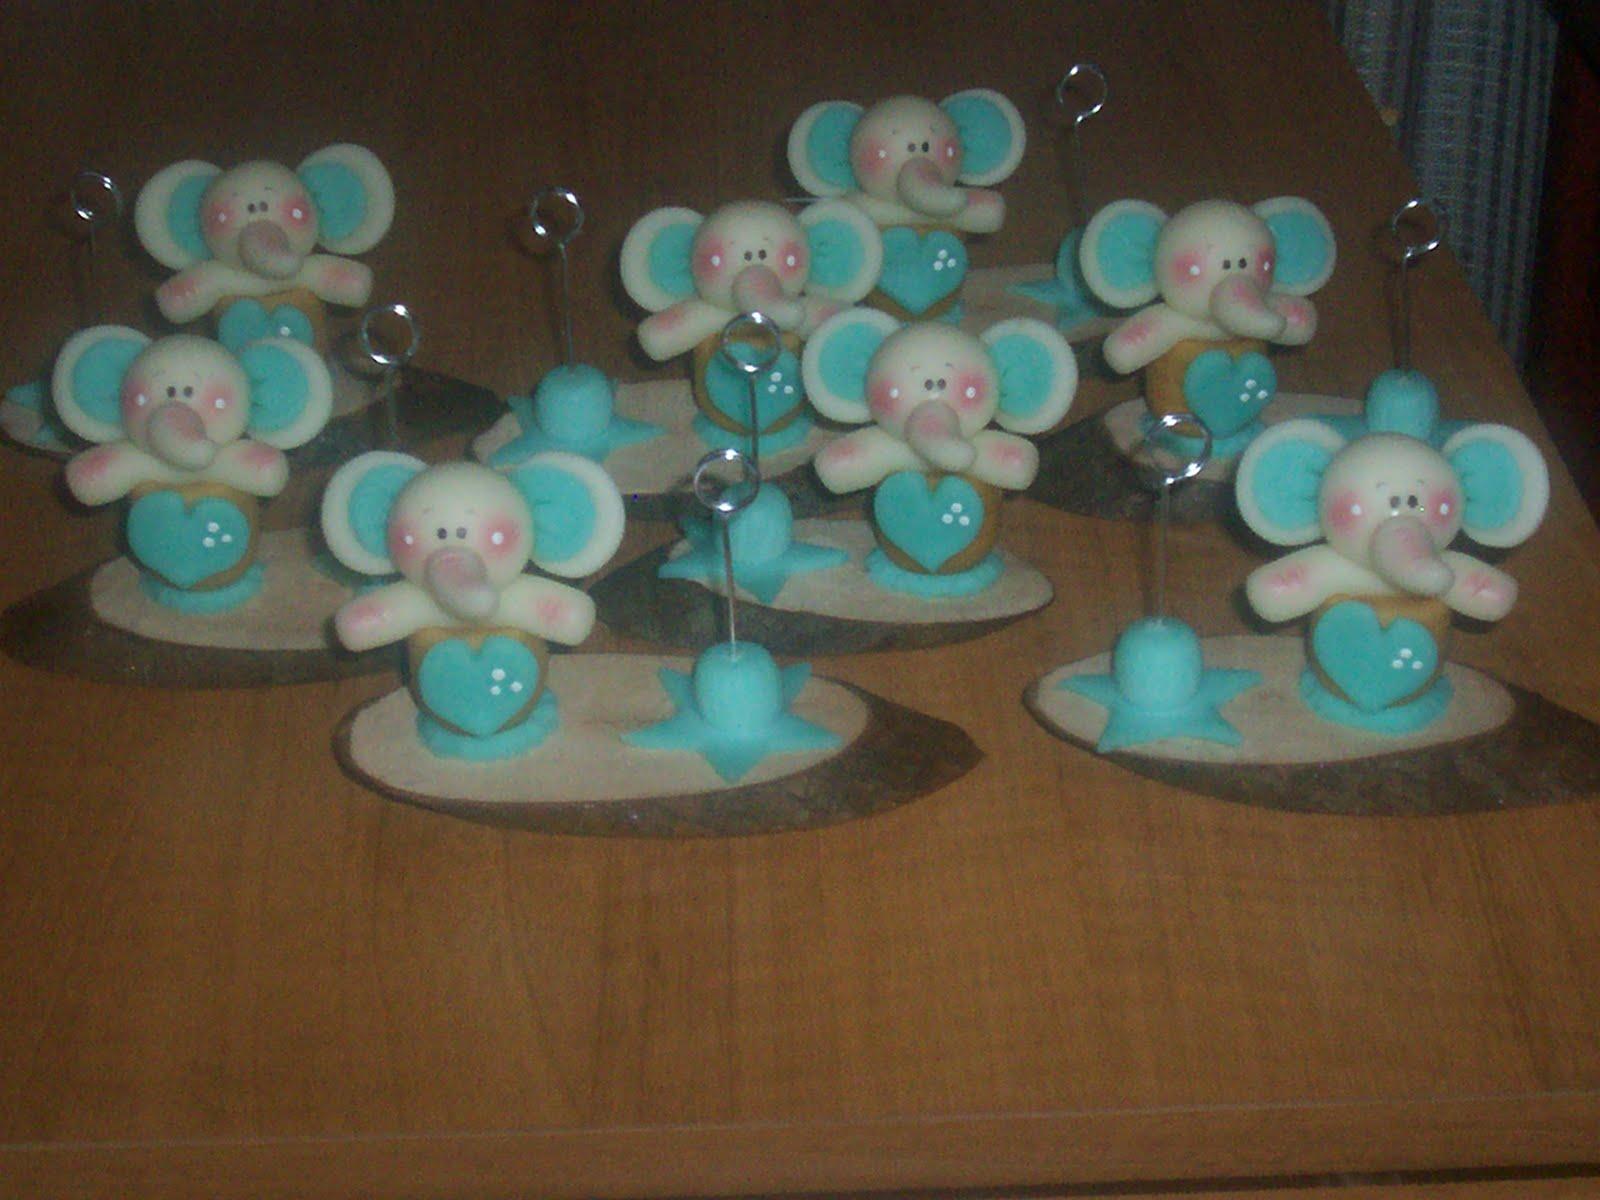 Souvenirs de bautismo porcelana fria - Imagui